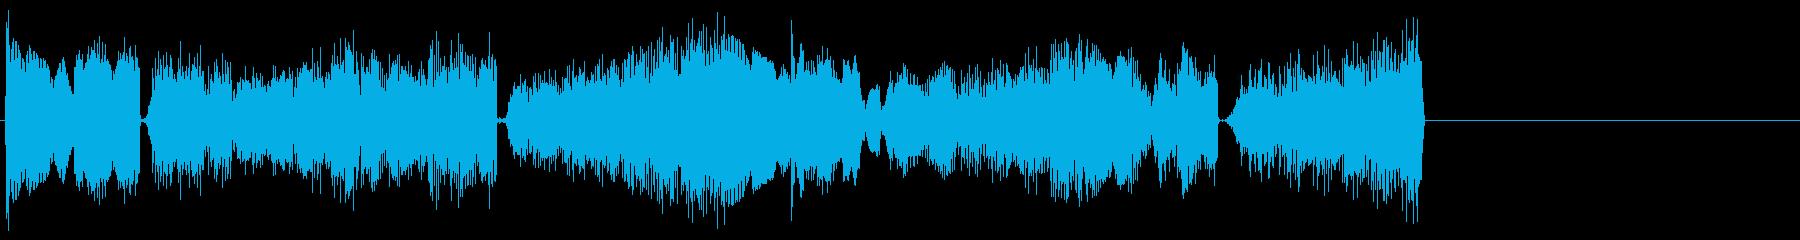 ベルを用いたオシャレ系ジングル向けBGMの再生済みの波形